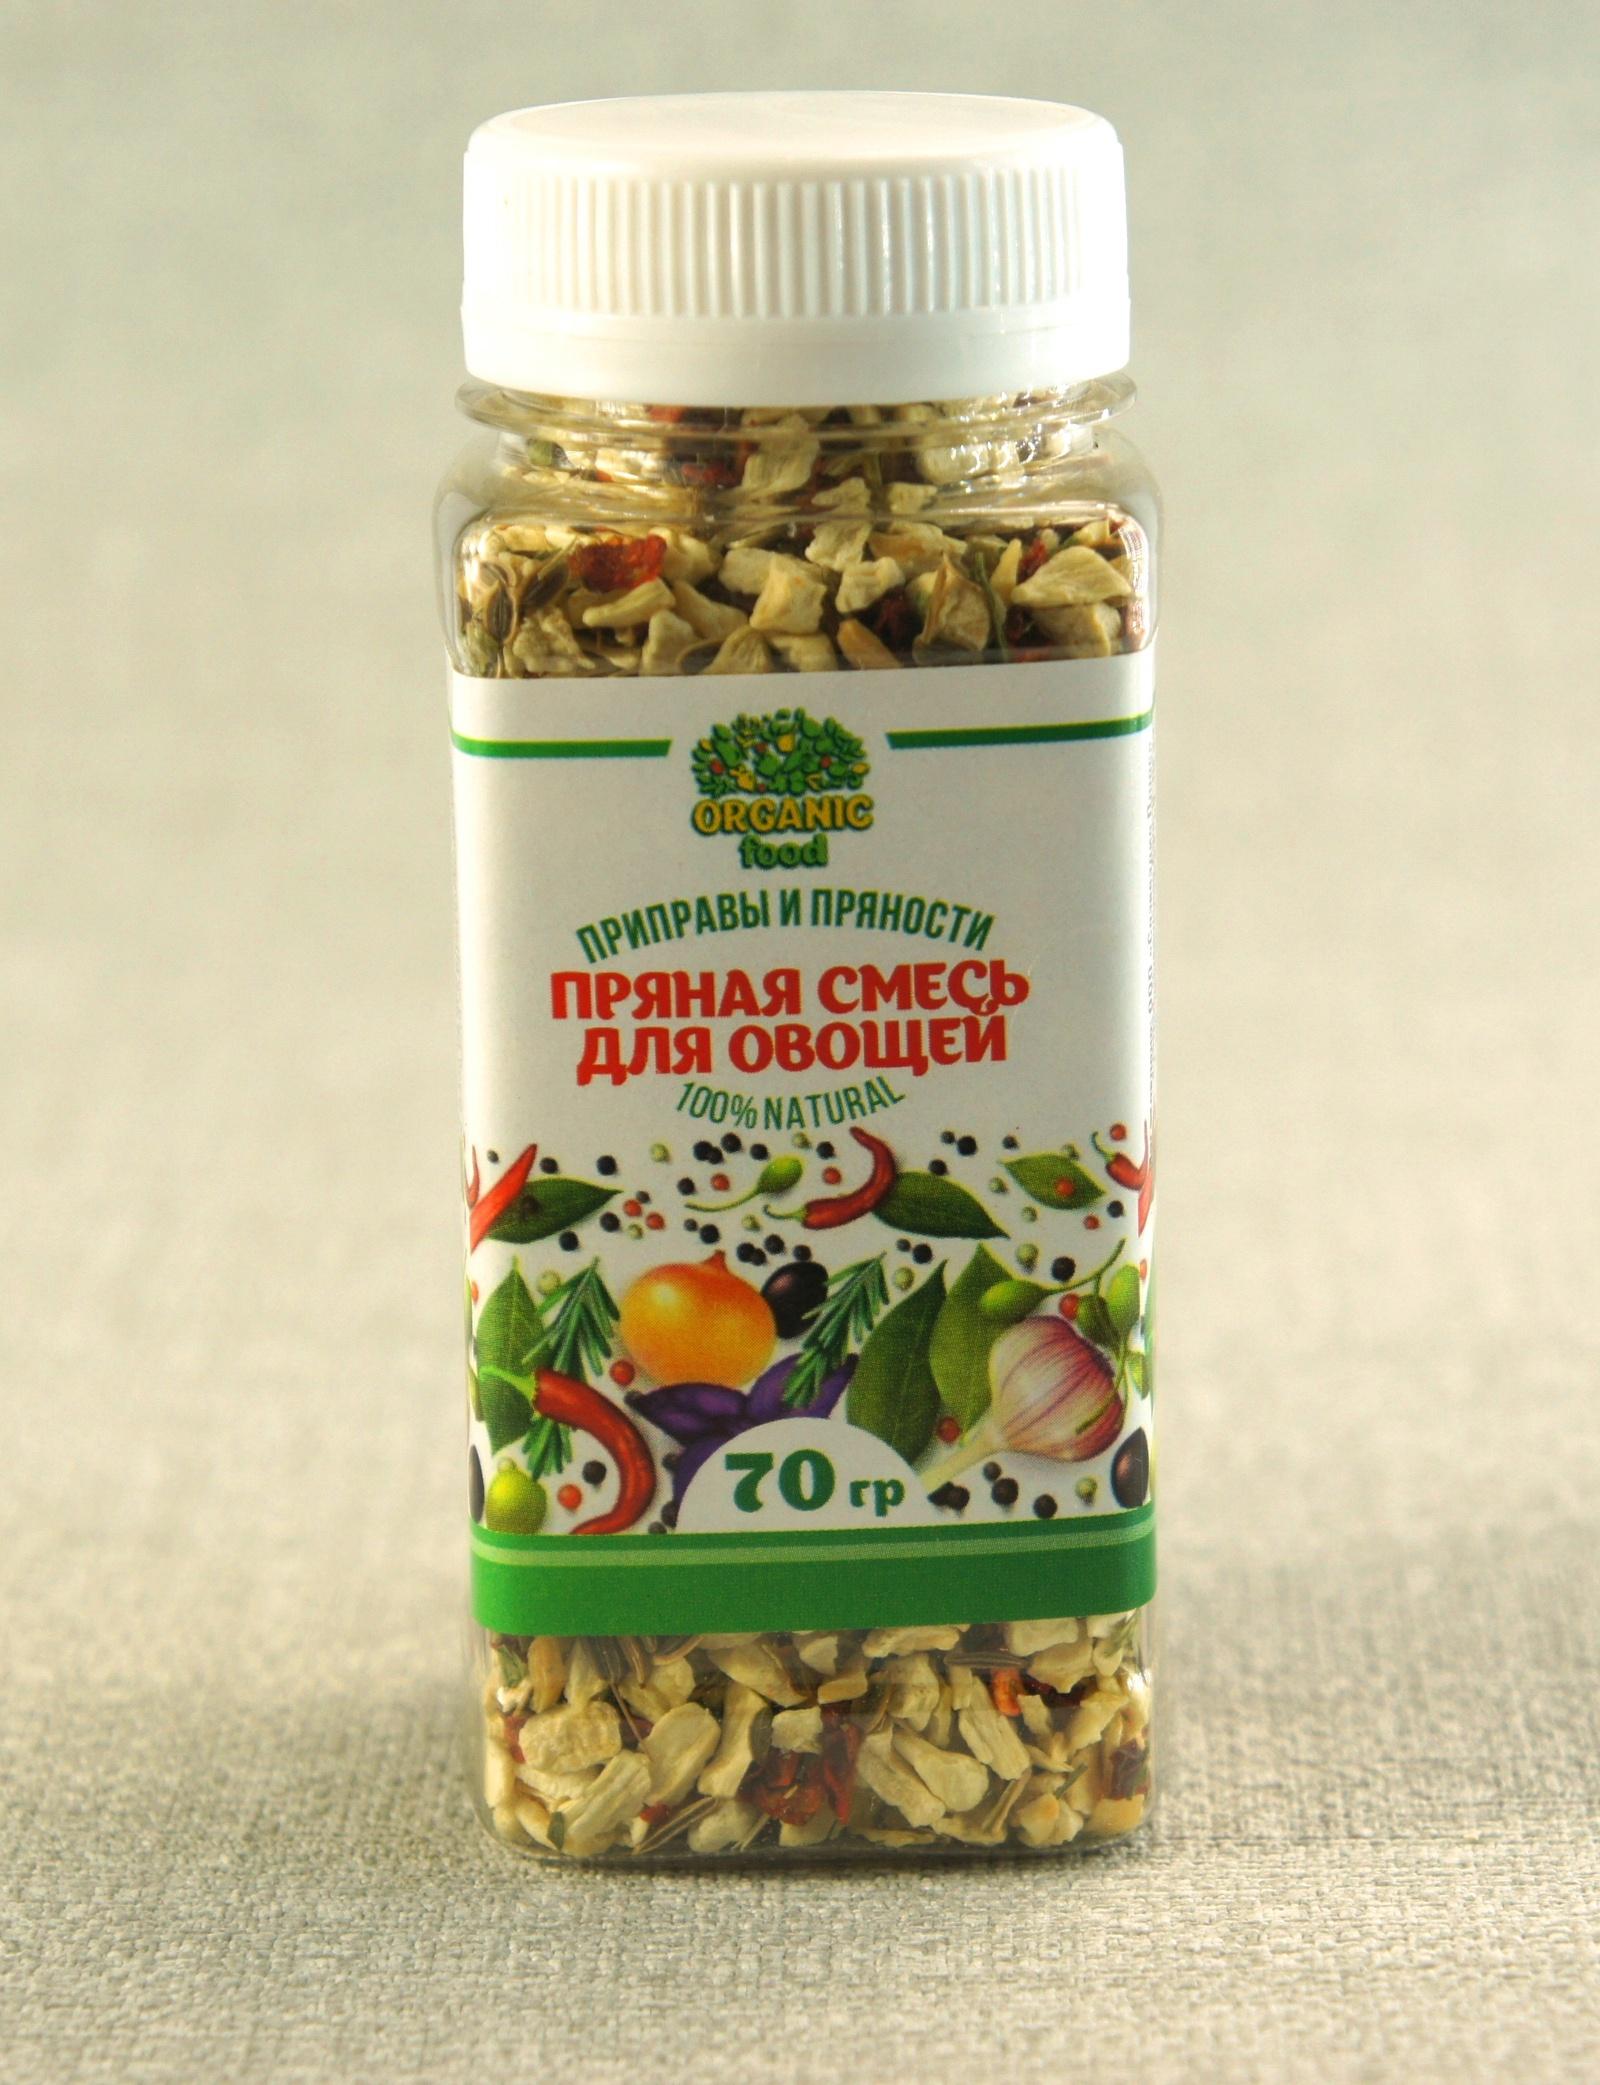 Смесь приправ, специй и трав Organic Food ПЭТ001, 70